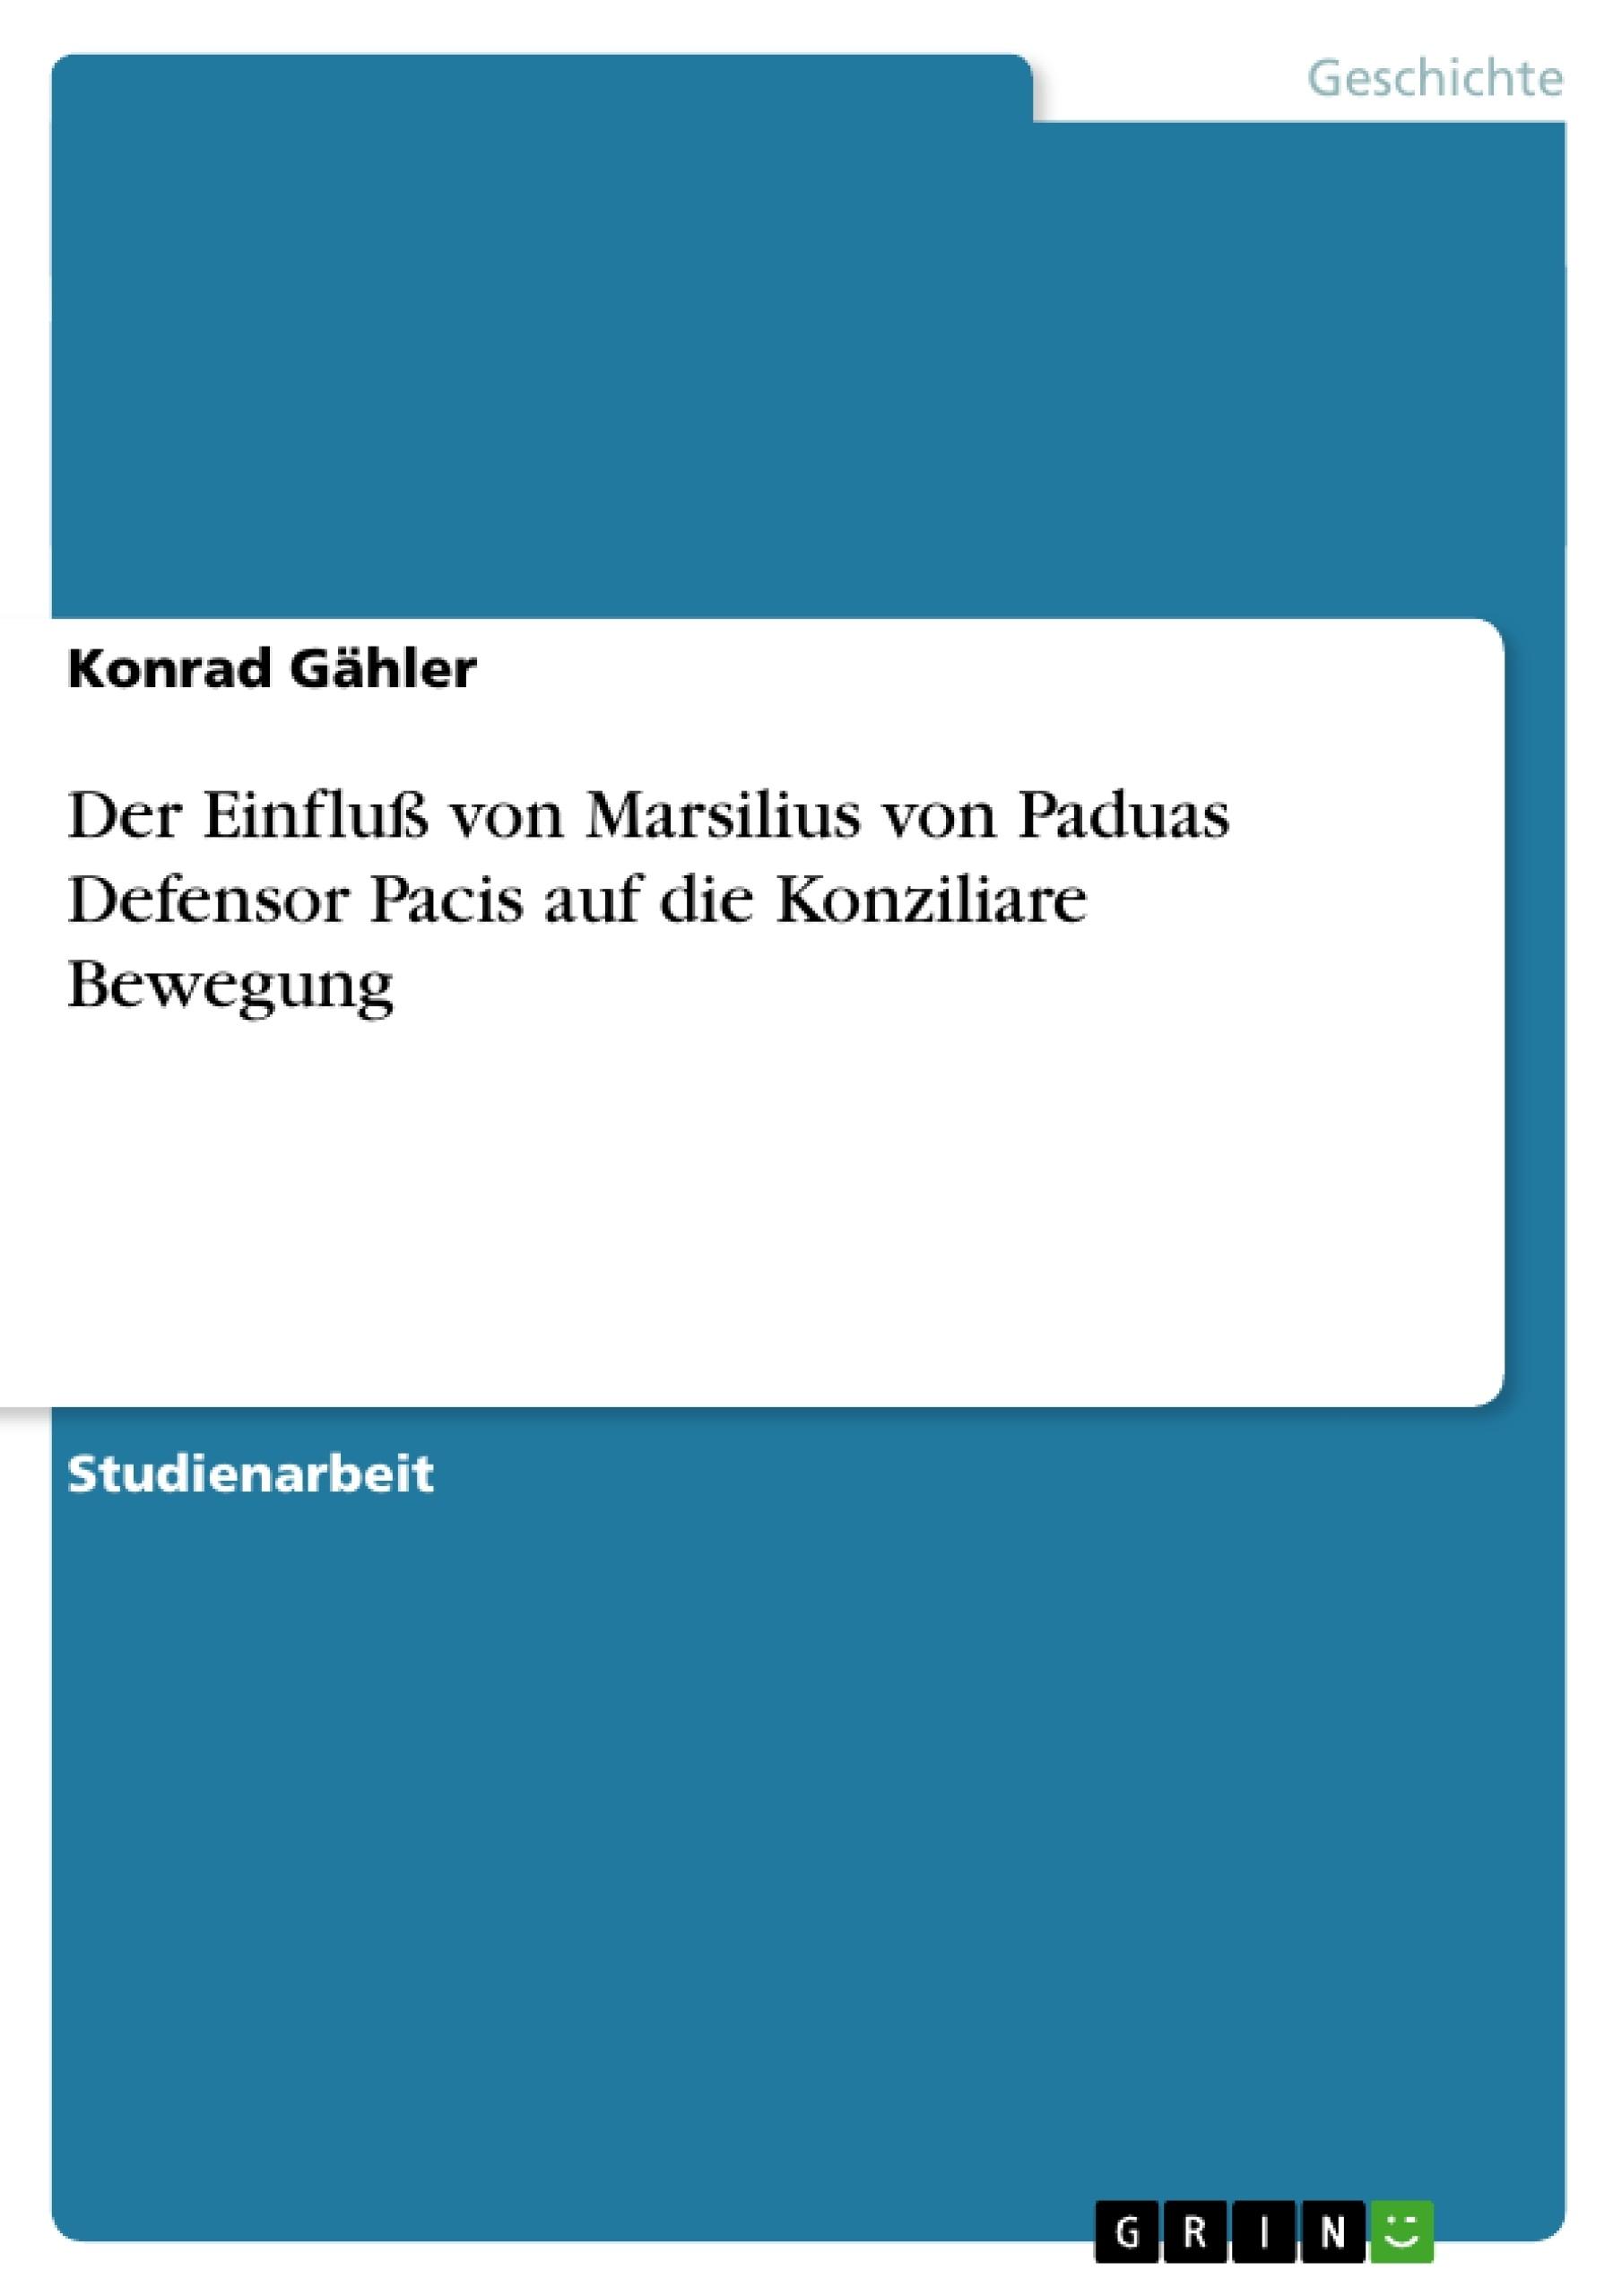 Titel: Der Einfluß von Marsilius von Paduas Defensor Pacis auf die Konziliare Bewegung